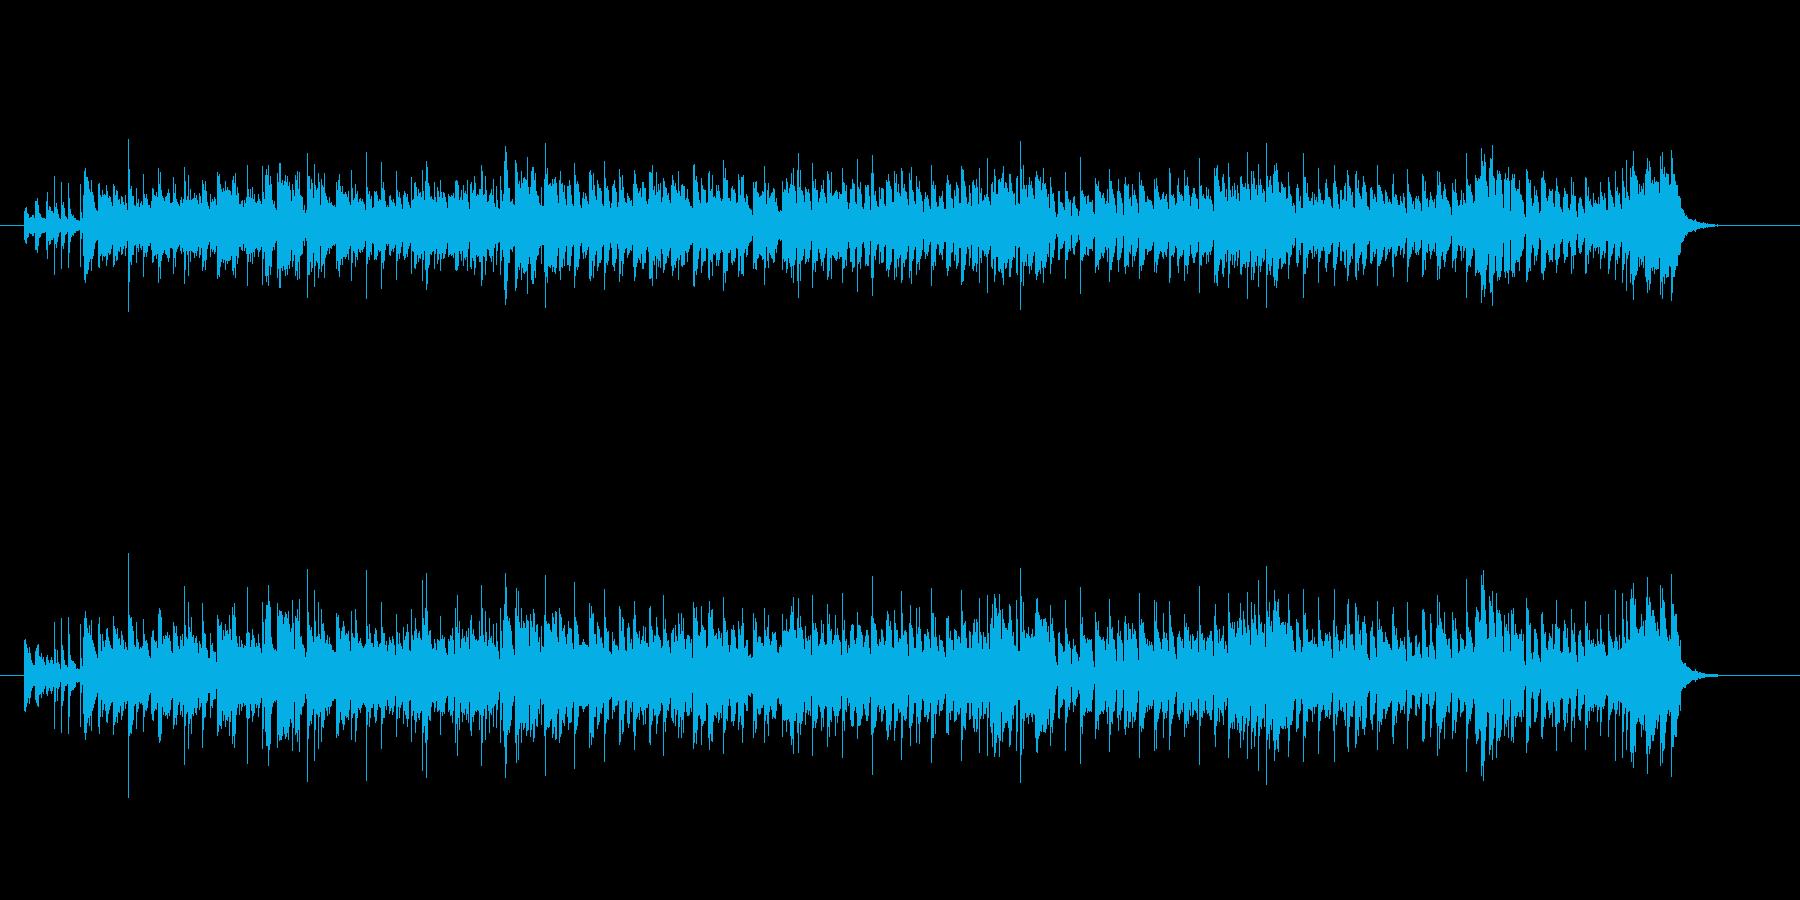 スピード感あふれるエレクトリック・ロックの再生済みの波形